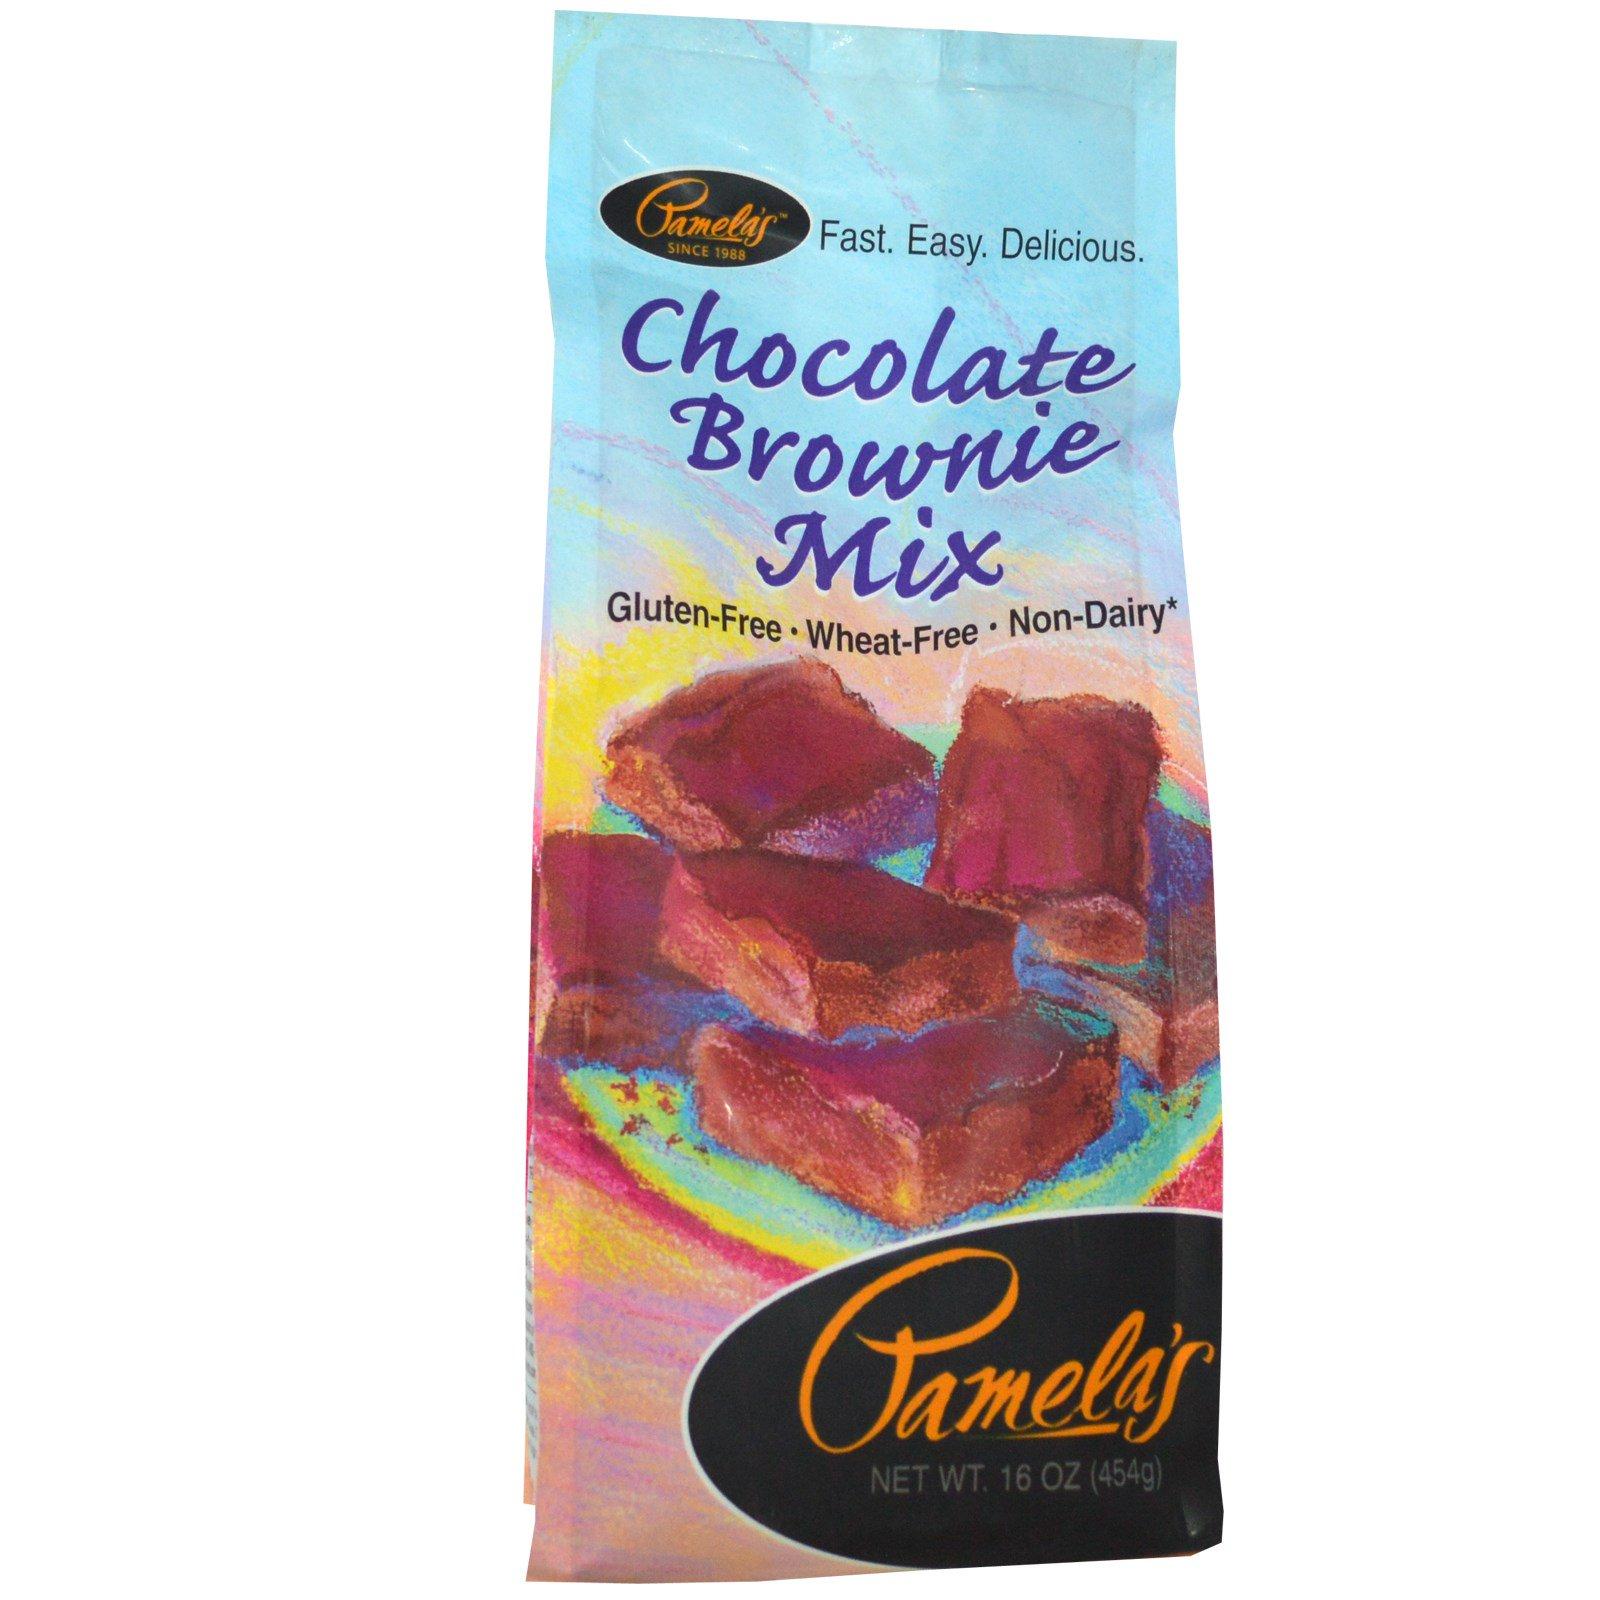 Pamela's Products, Смесь для шоколадных кексов без глютена, 16 унции (454 г)